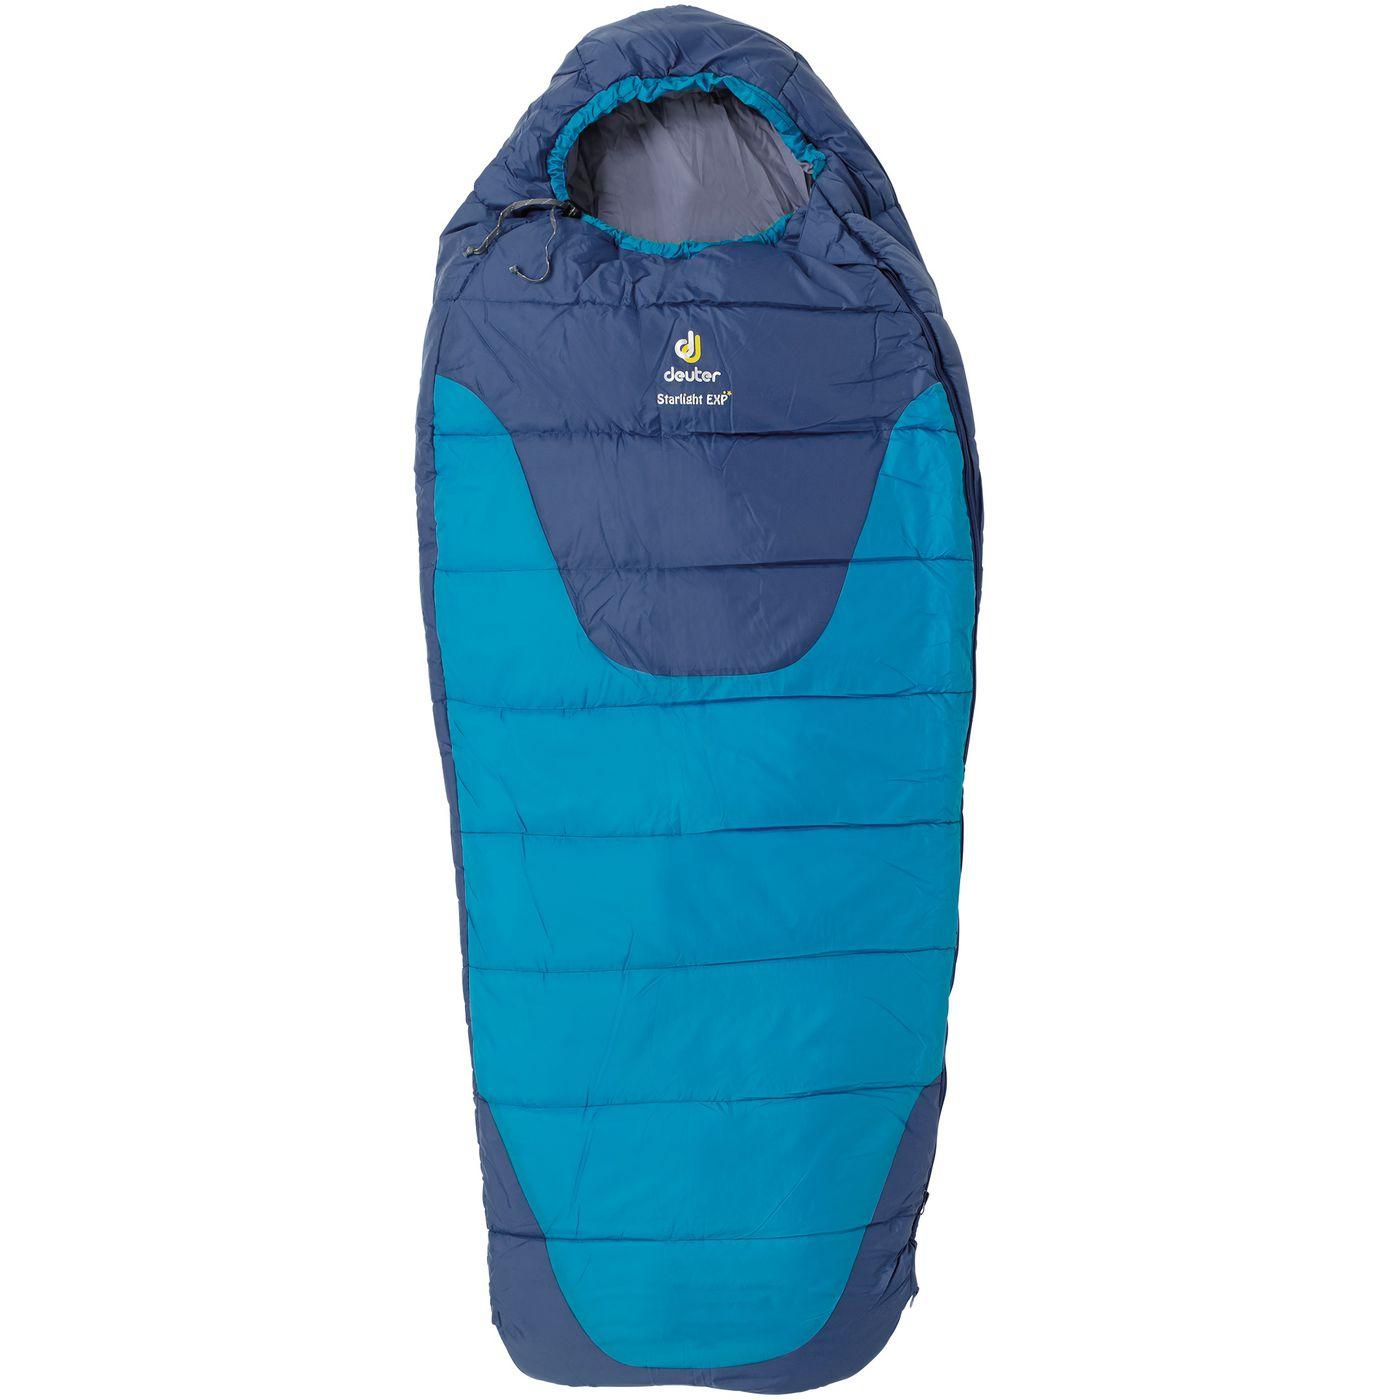 deuter детский спальный мешок большой, с удлинителем